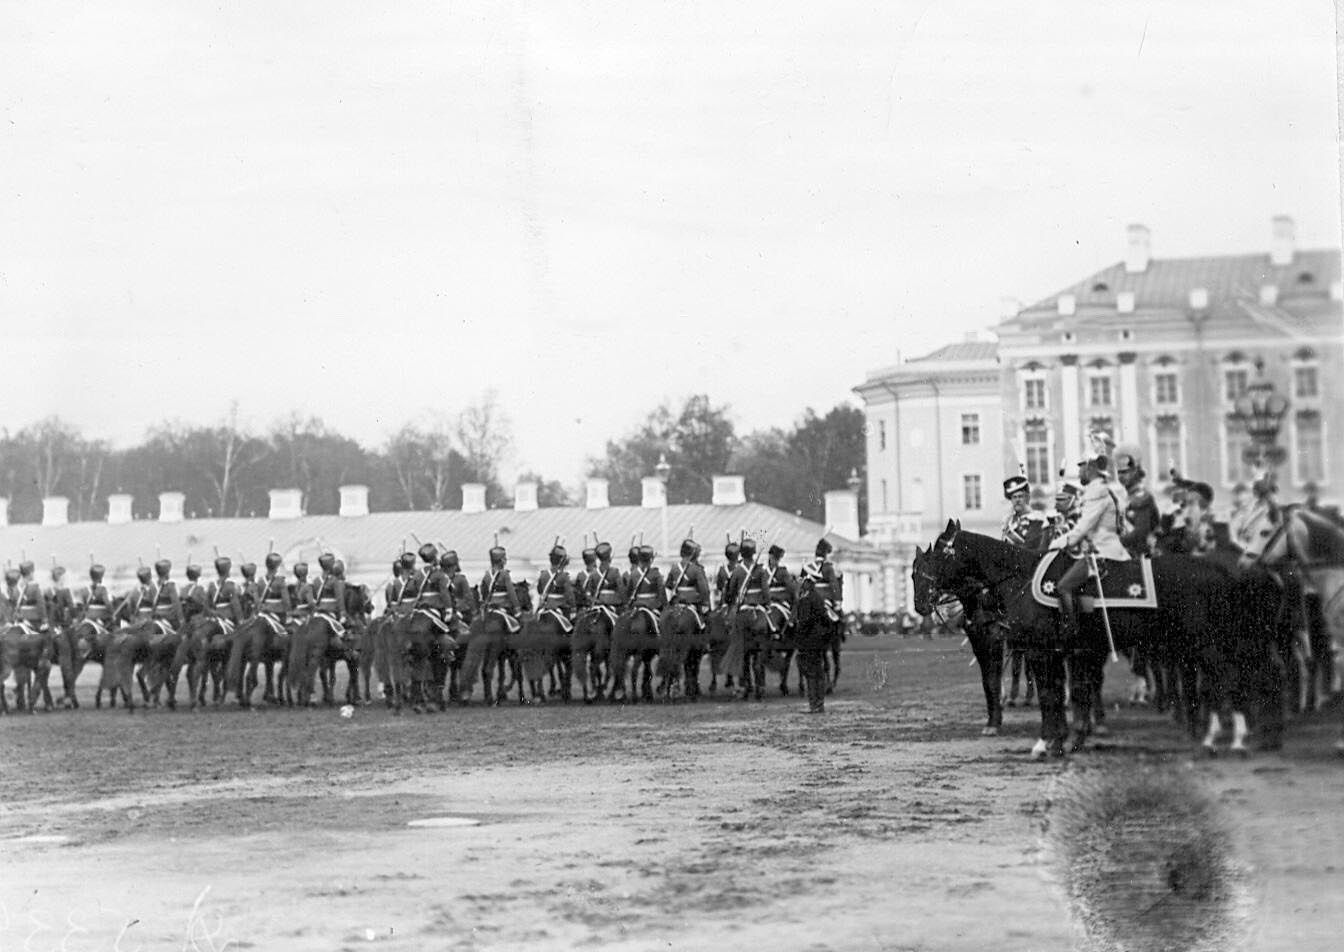 1912. Лейб-гвардии Гусарский его величества полк проходит маршем мимо императора Николая II и германского принца Фридриха-Вильгельма. 7 мая